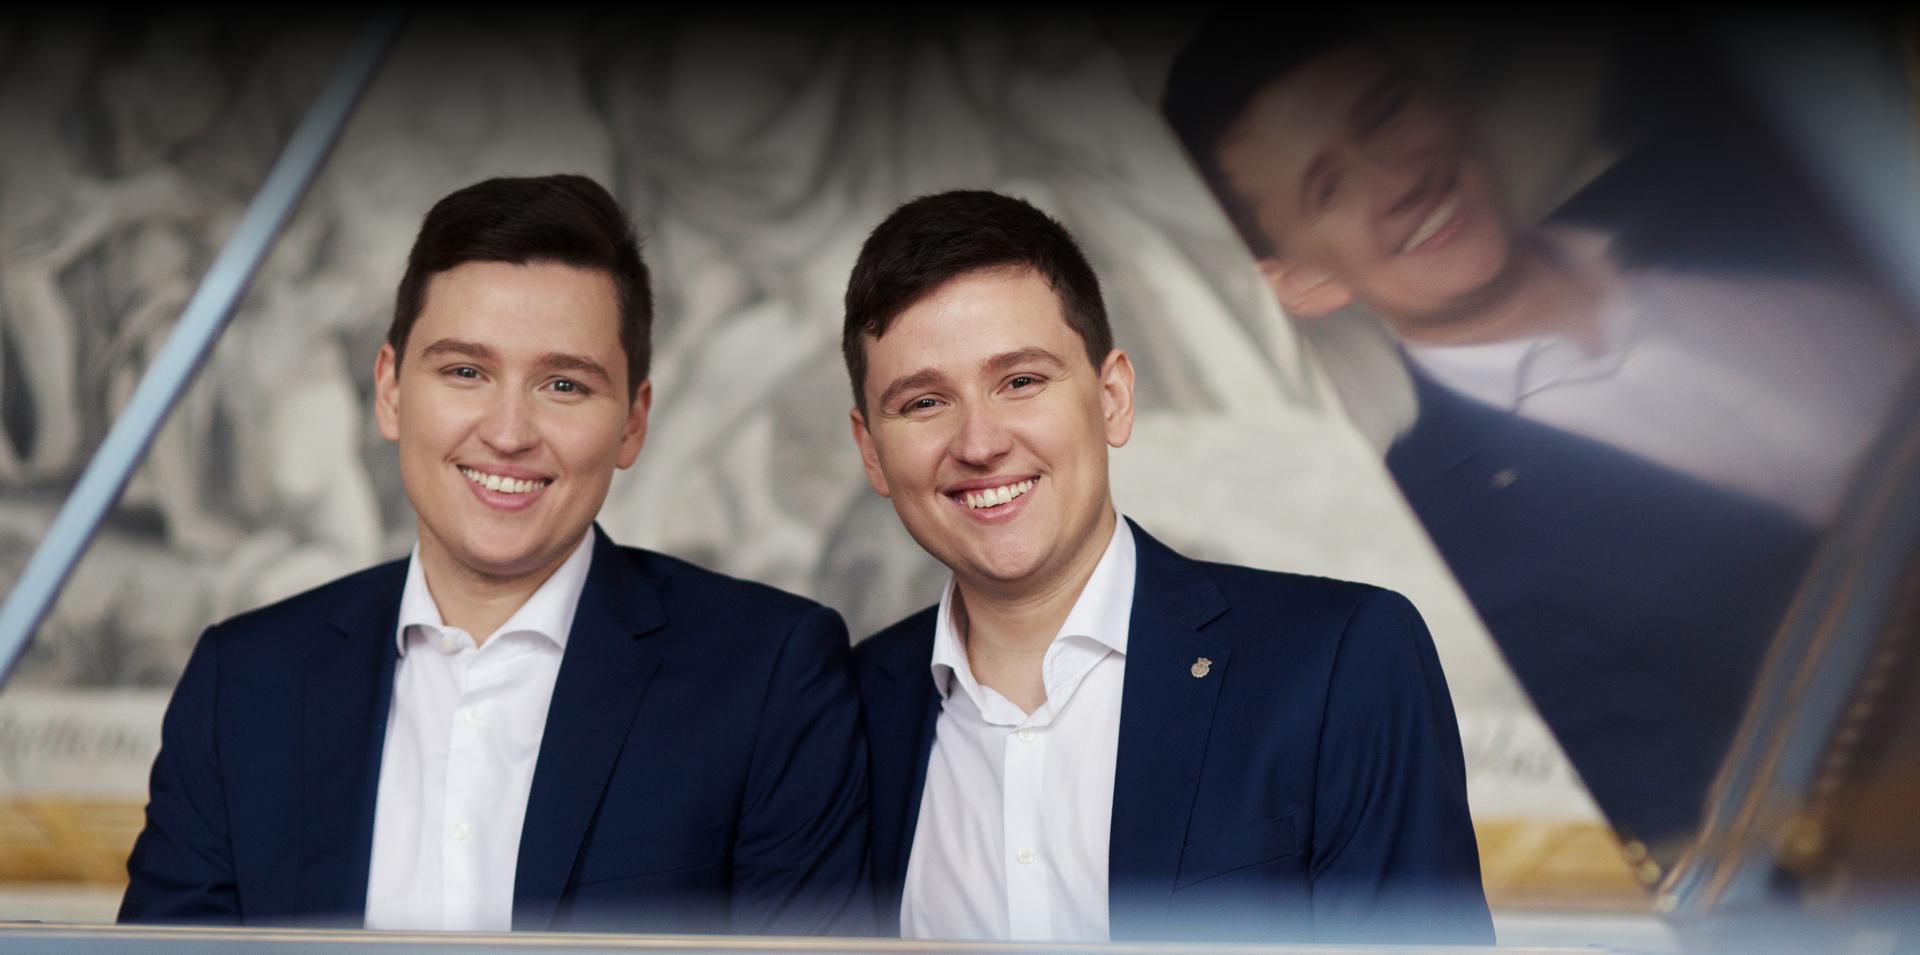 Tóth Vajna Zsombor & Gergely